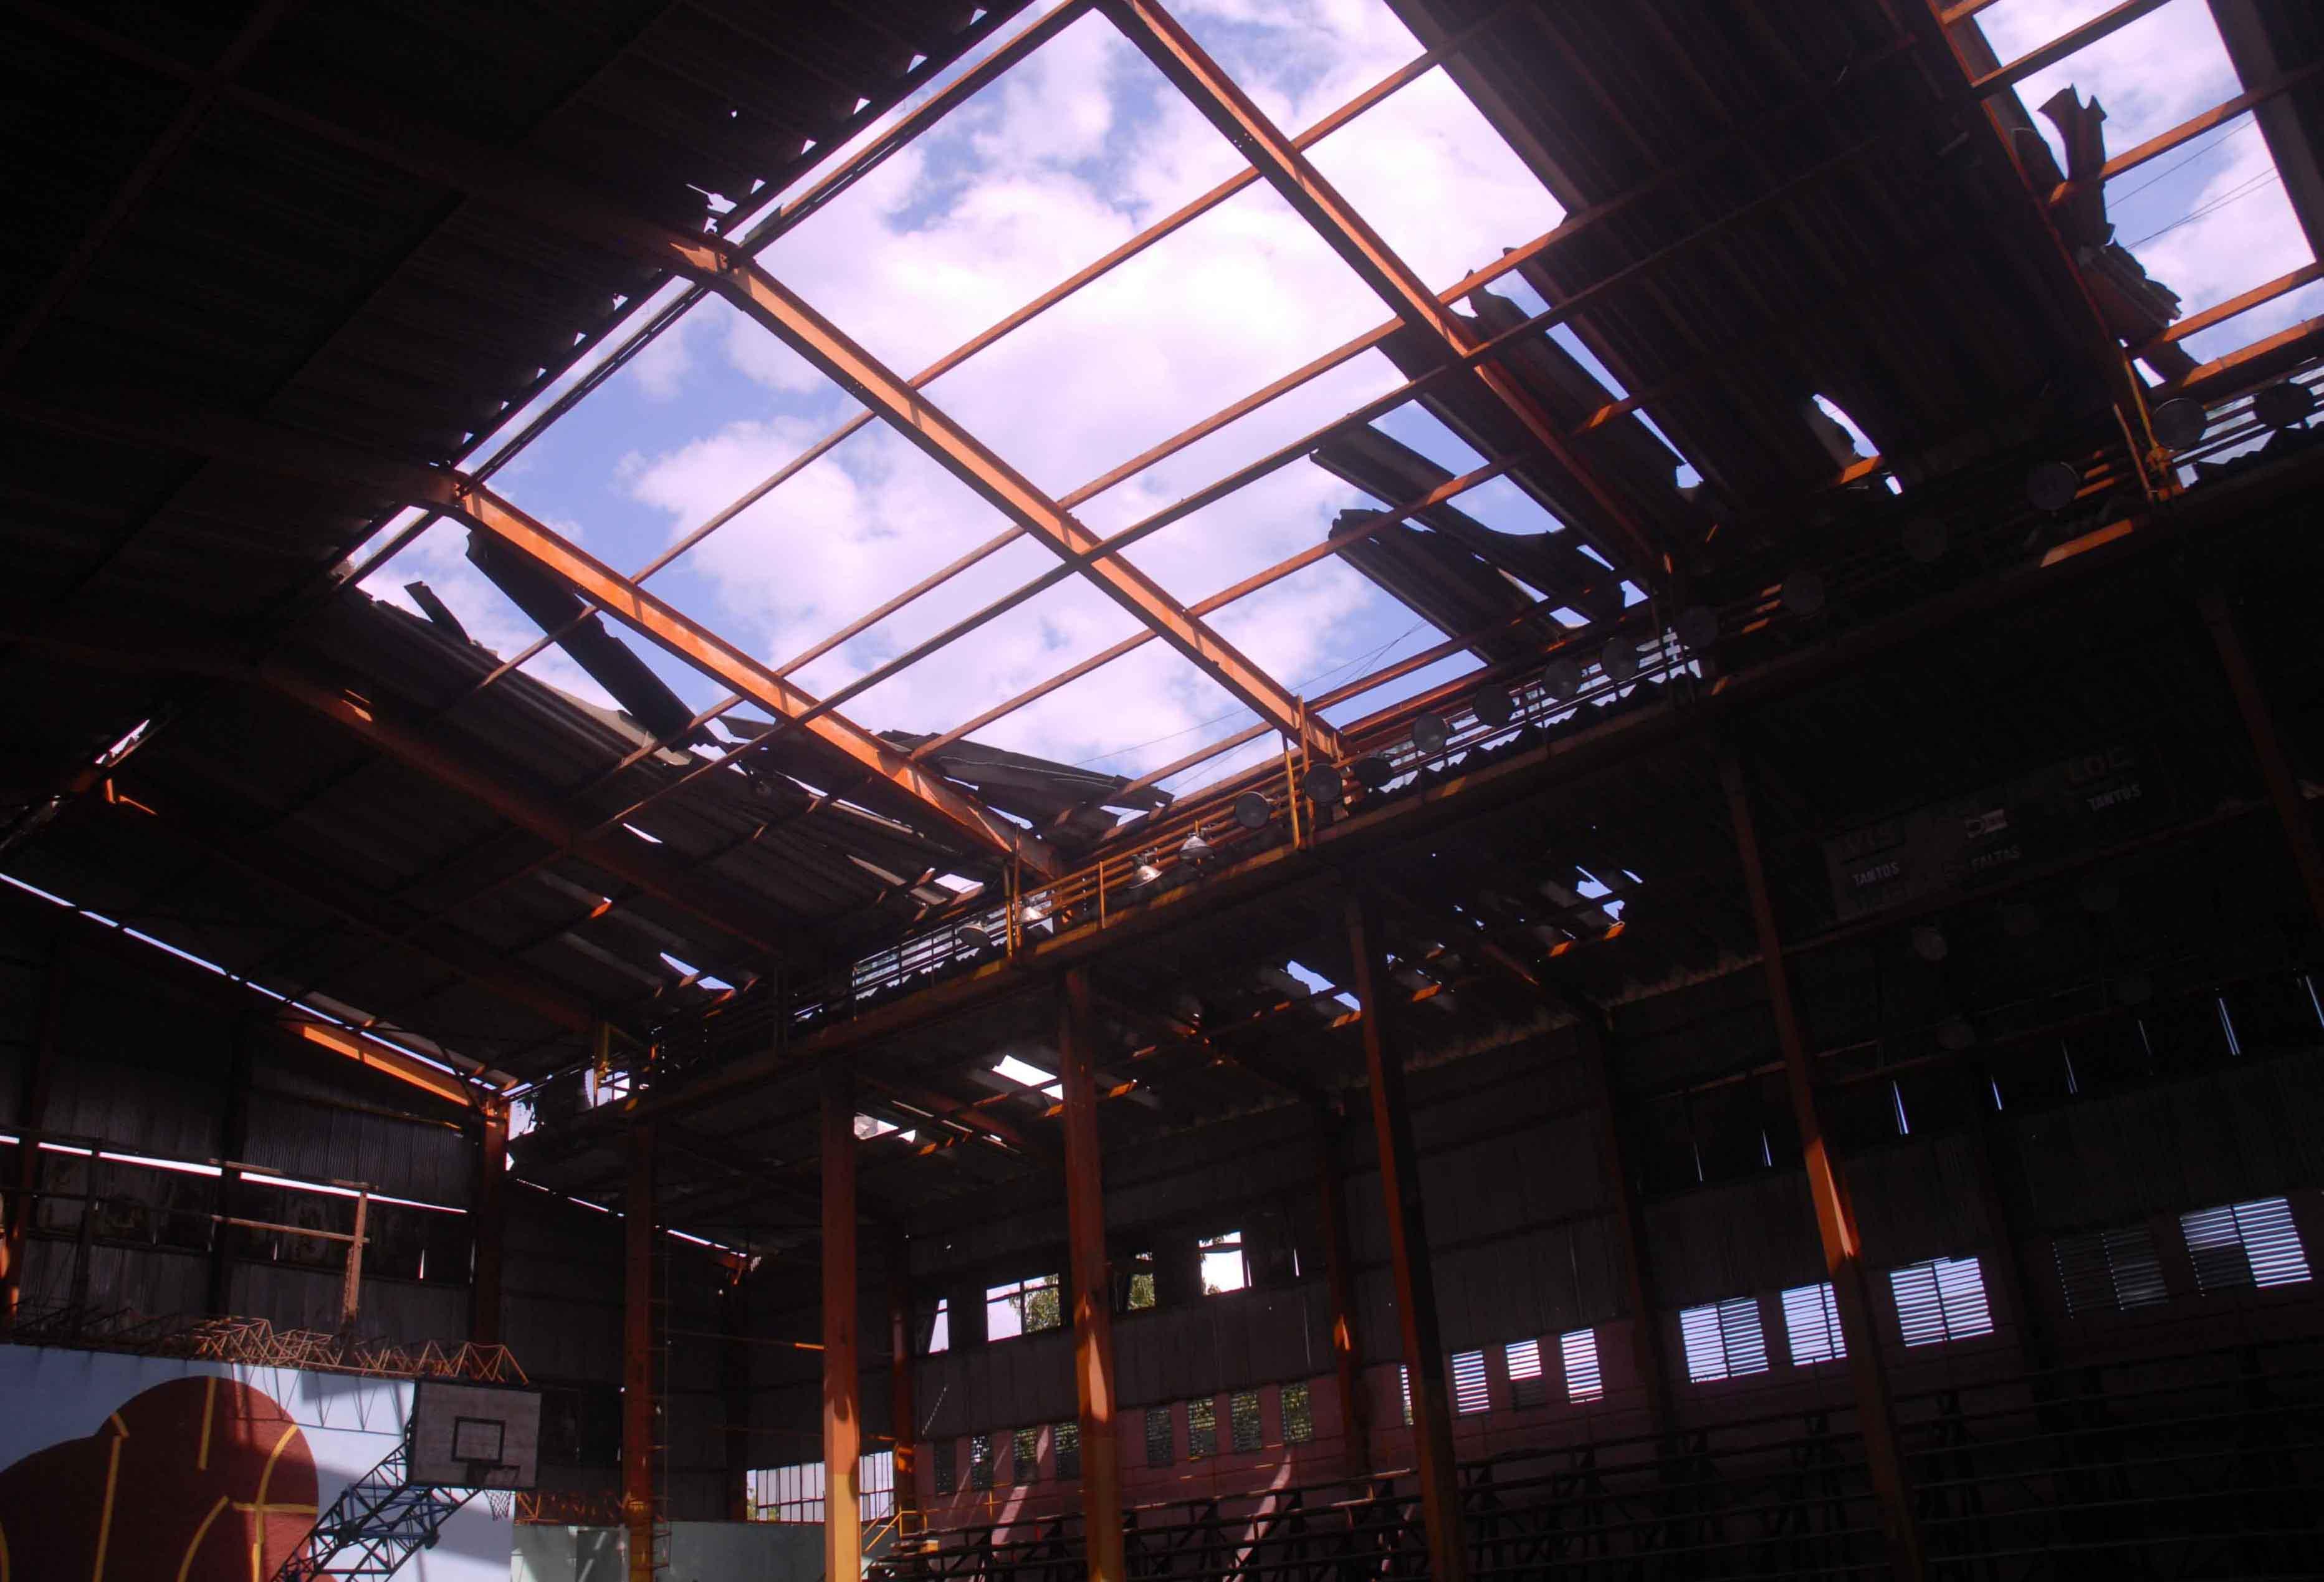 La sala deportiva Yara figura entre los sitios más golpeados por la tormenta. Foto Oscar Alfonso.